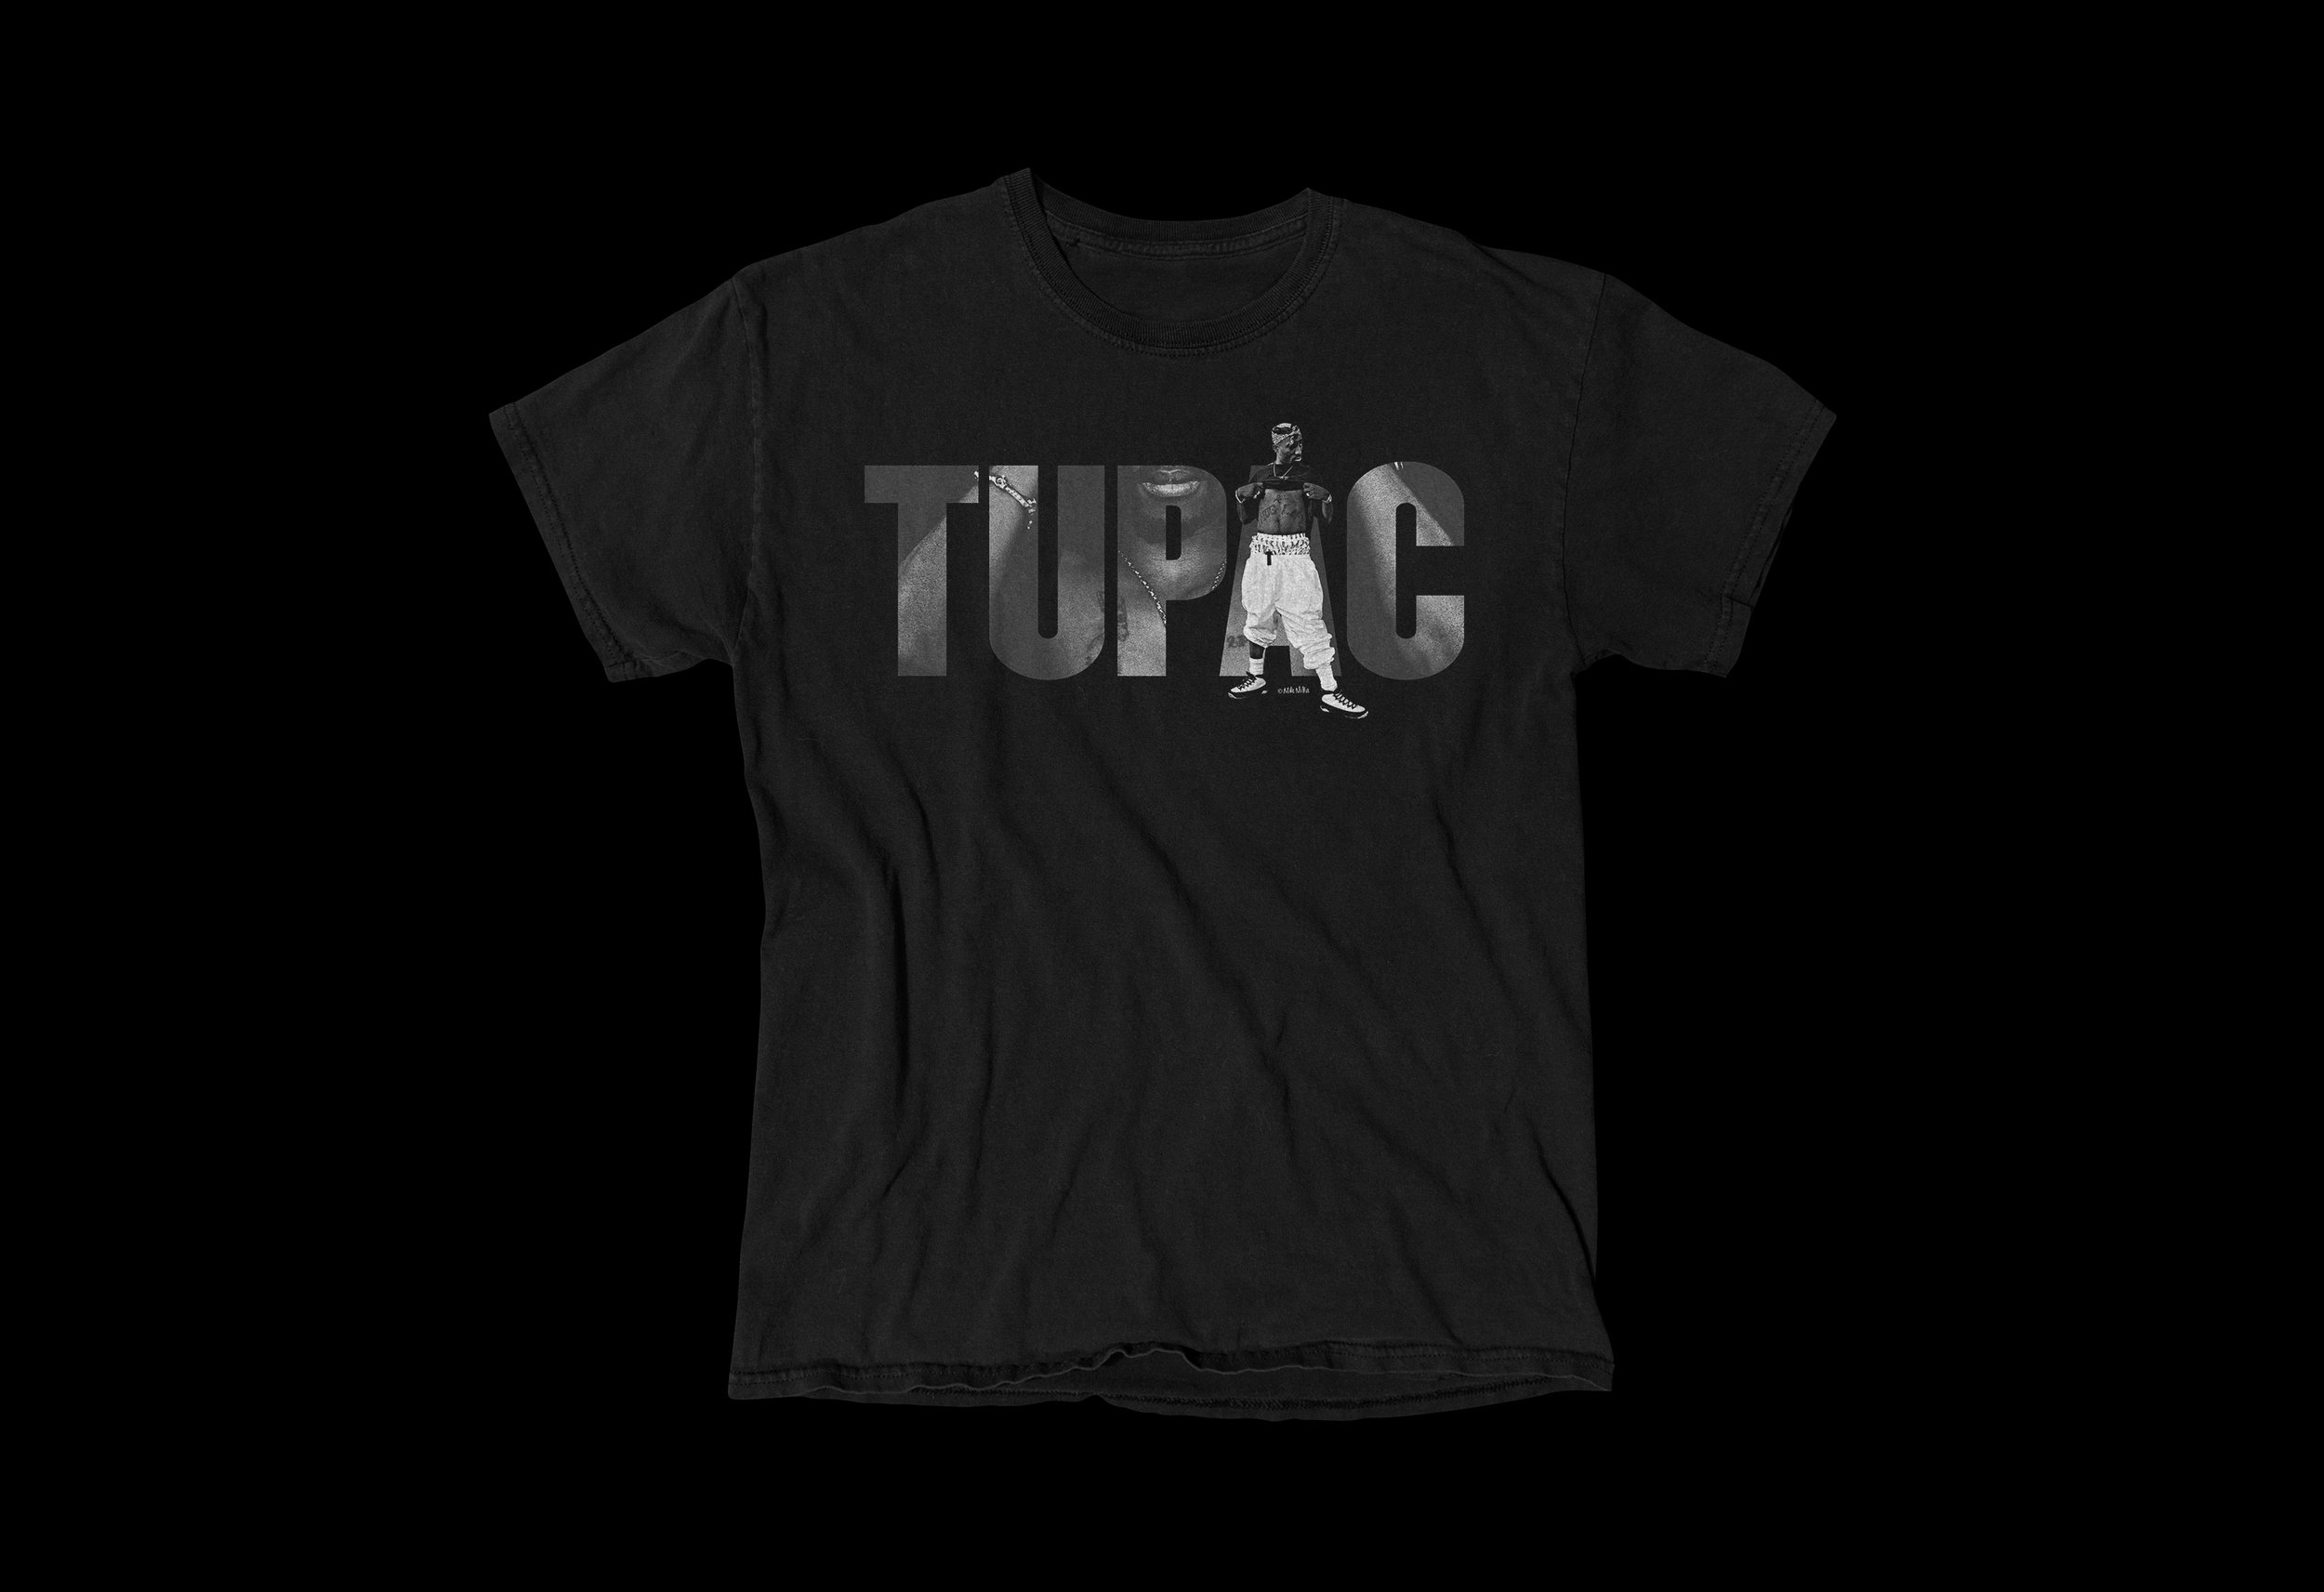 TUPAC_SOLO_1.jpg